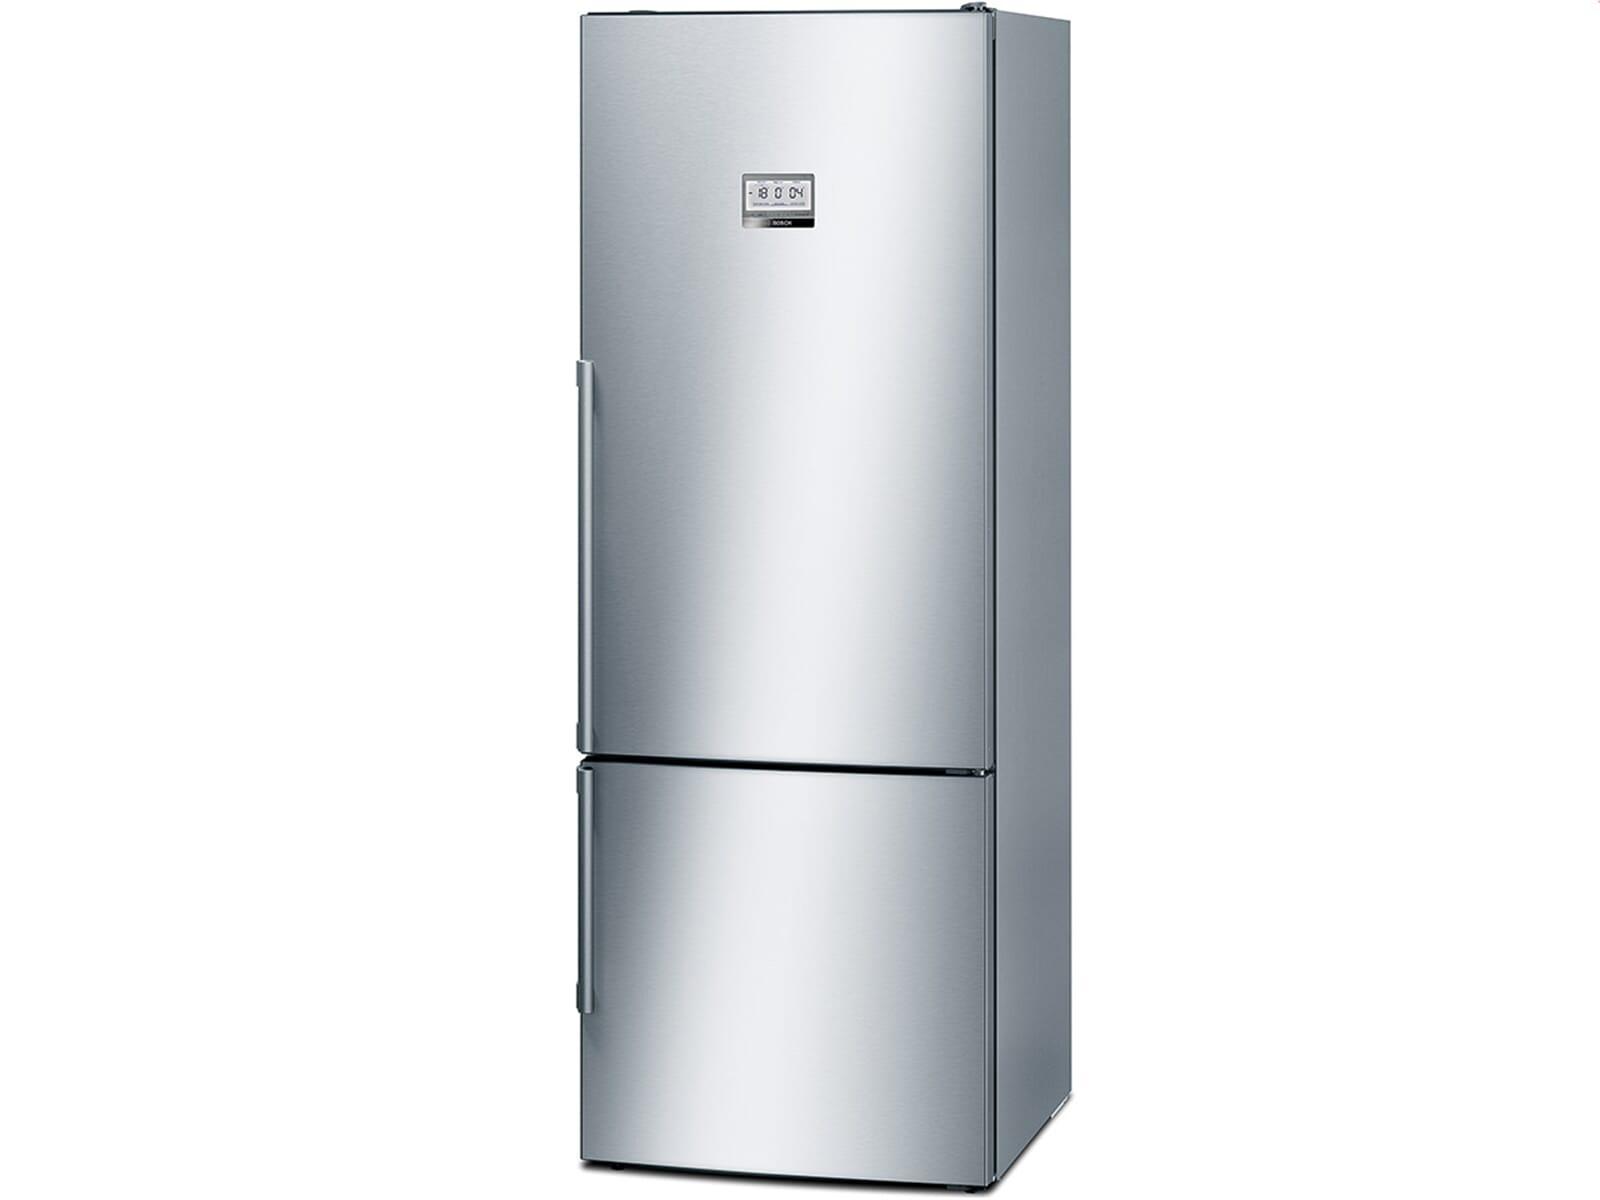 Bosch Kühlschrank Urlaubsschaltung : Bosch kgf pi kühl gefrierkombination edelstahl